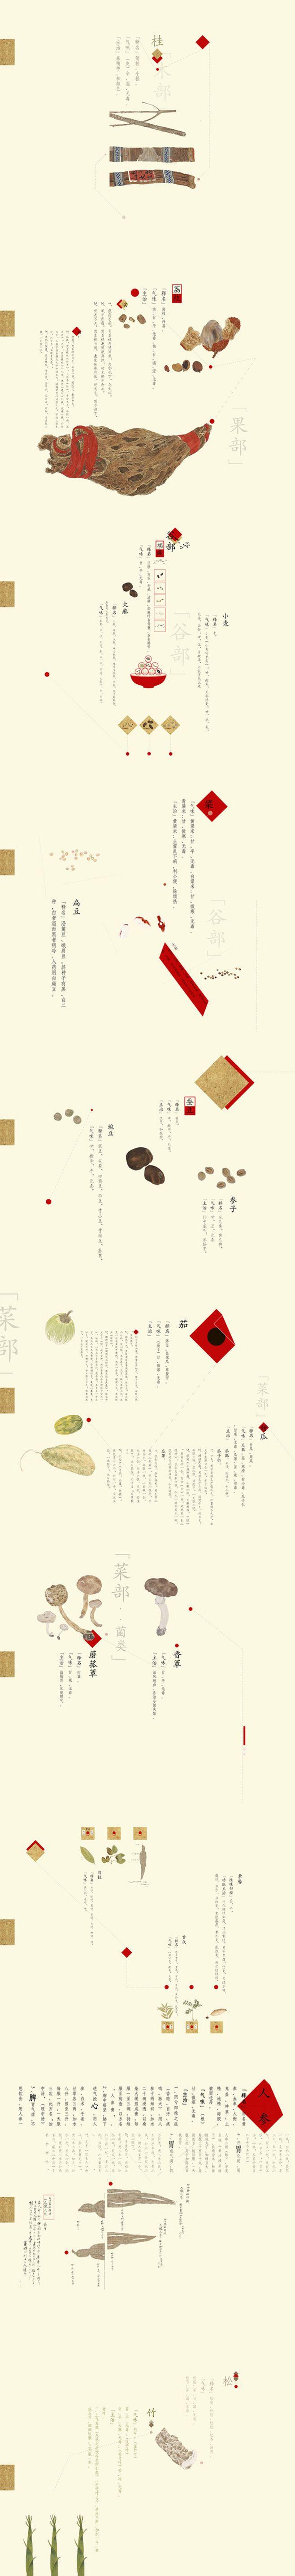 茶green采集到#303(37图)_花瓣人文艺术